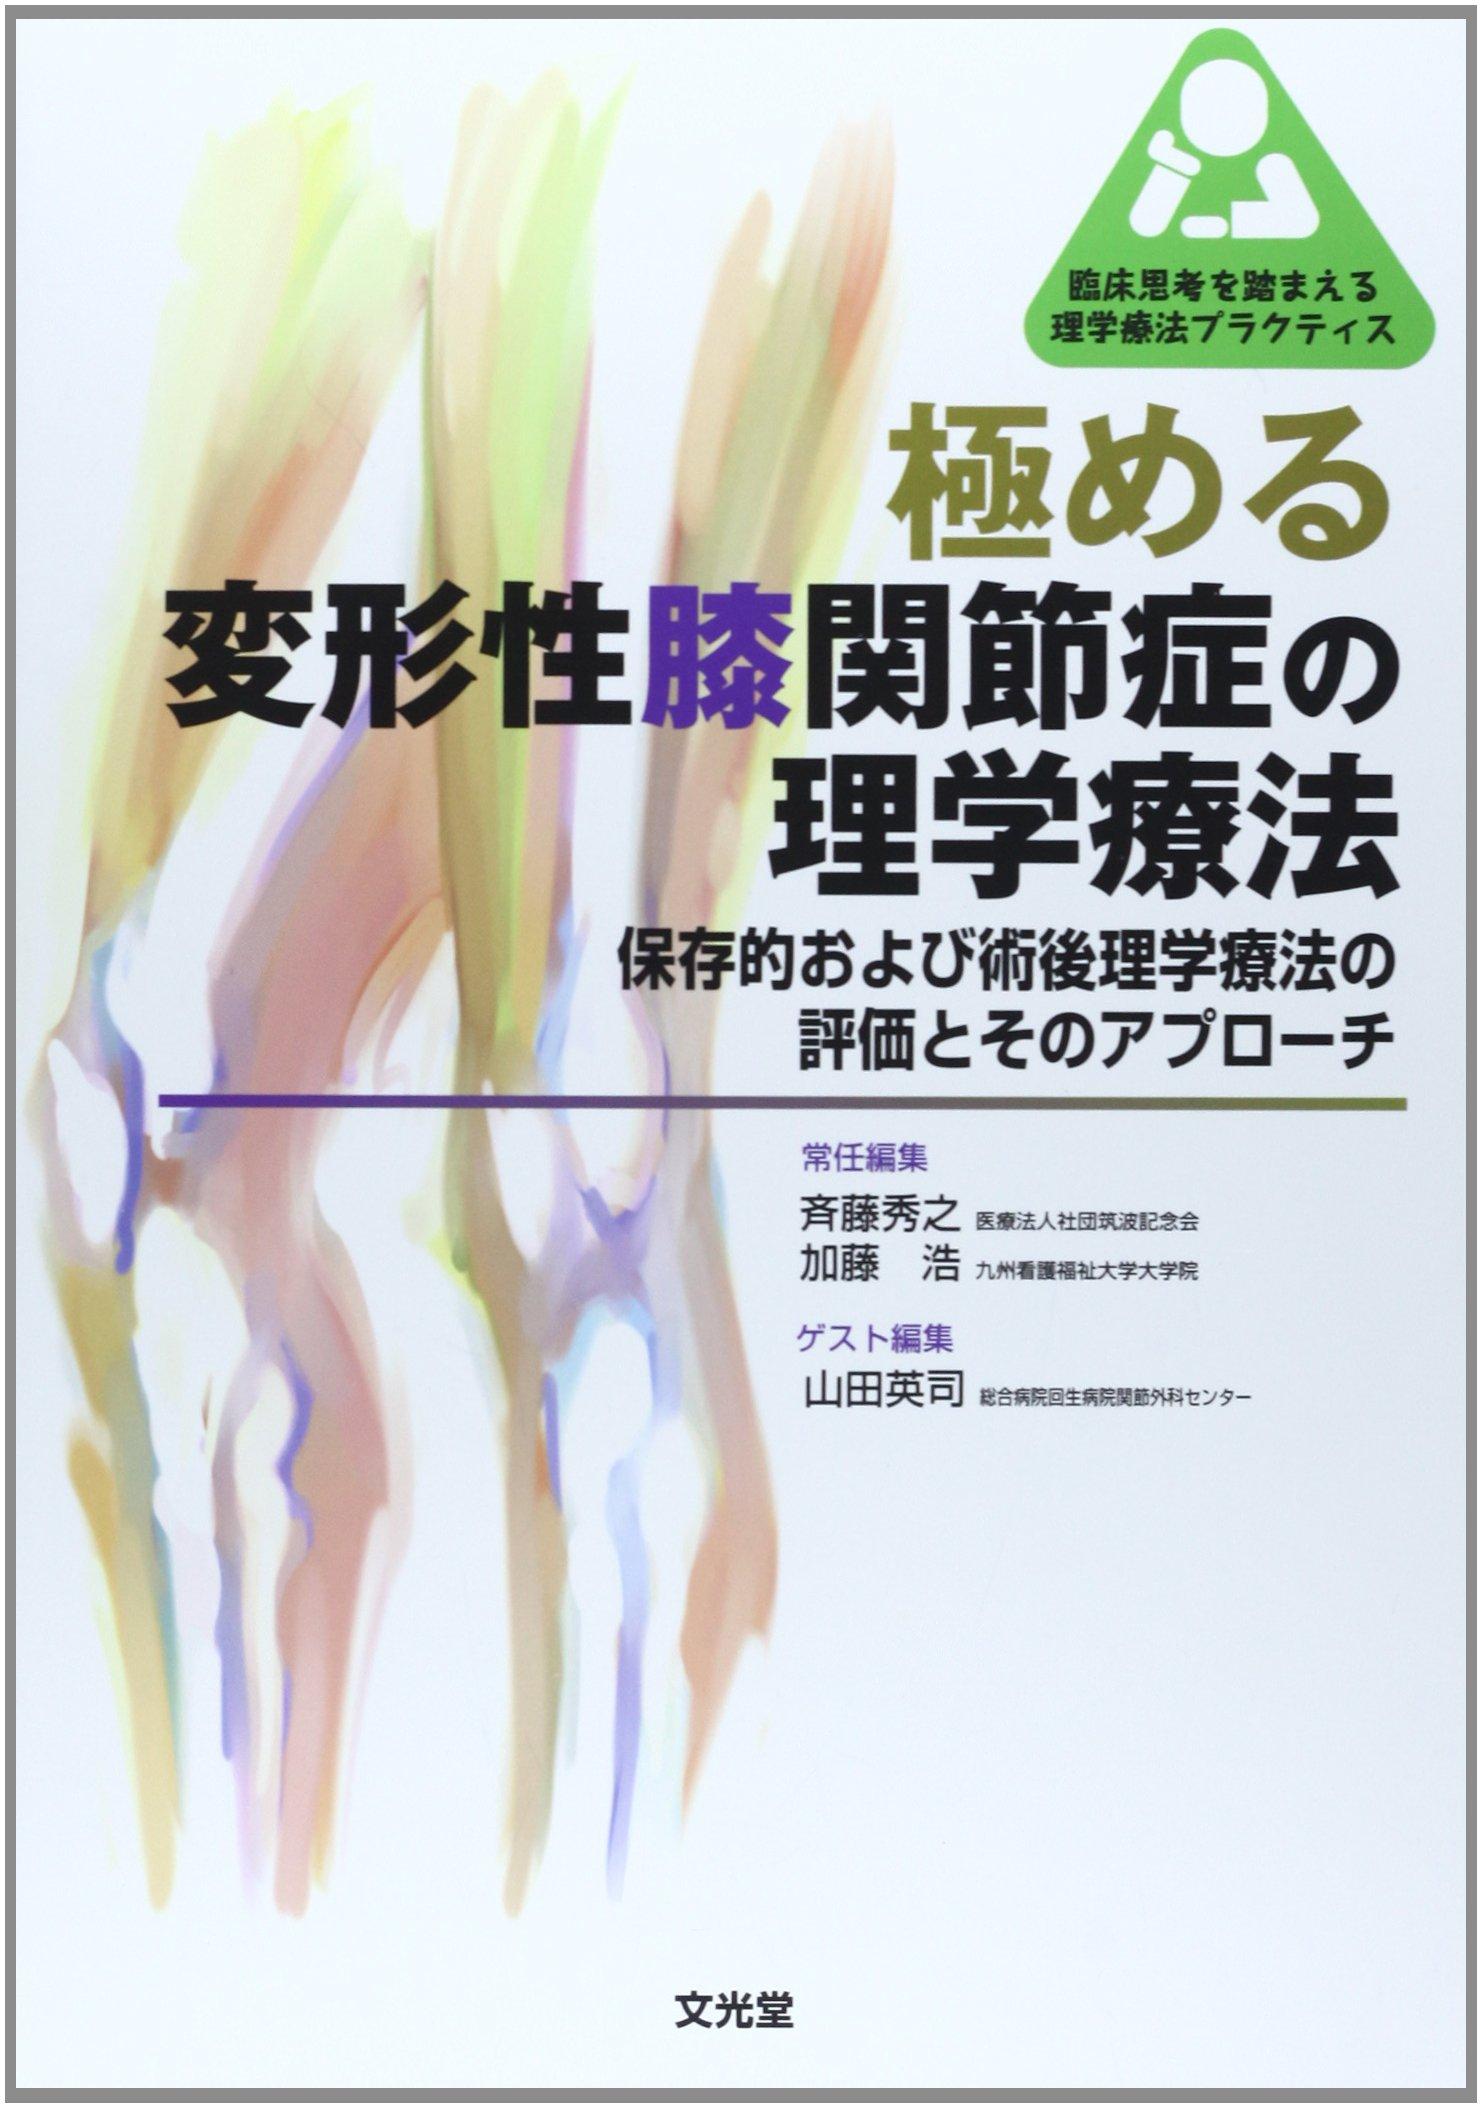 Read Online Kiwameru henkeisei shitsukansetsusho no rigaku ryoho : Hozonteki oyobi jutsugo rigaku ryoho no hyoka to sono apurochi. pdf